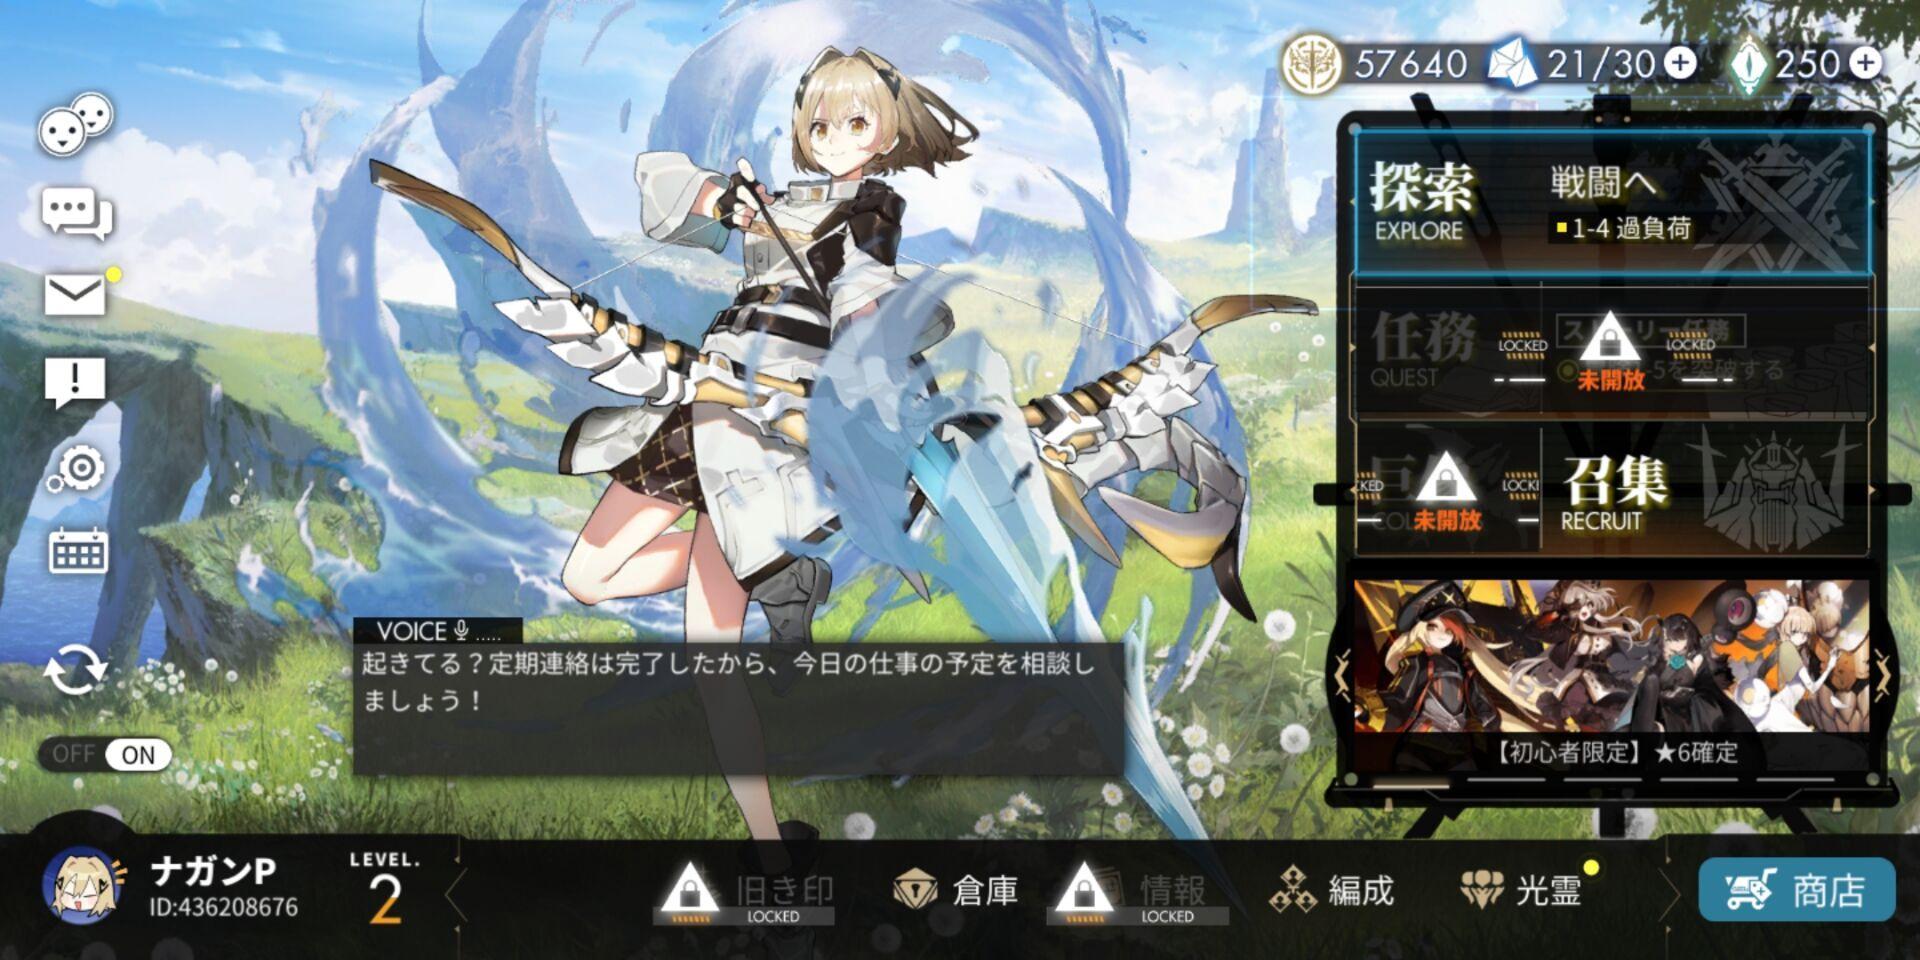 白夜极光游戏界面中文对照图分享